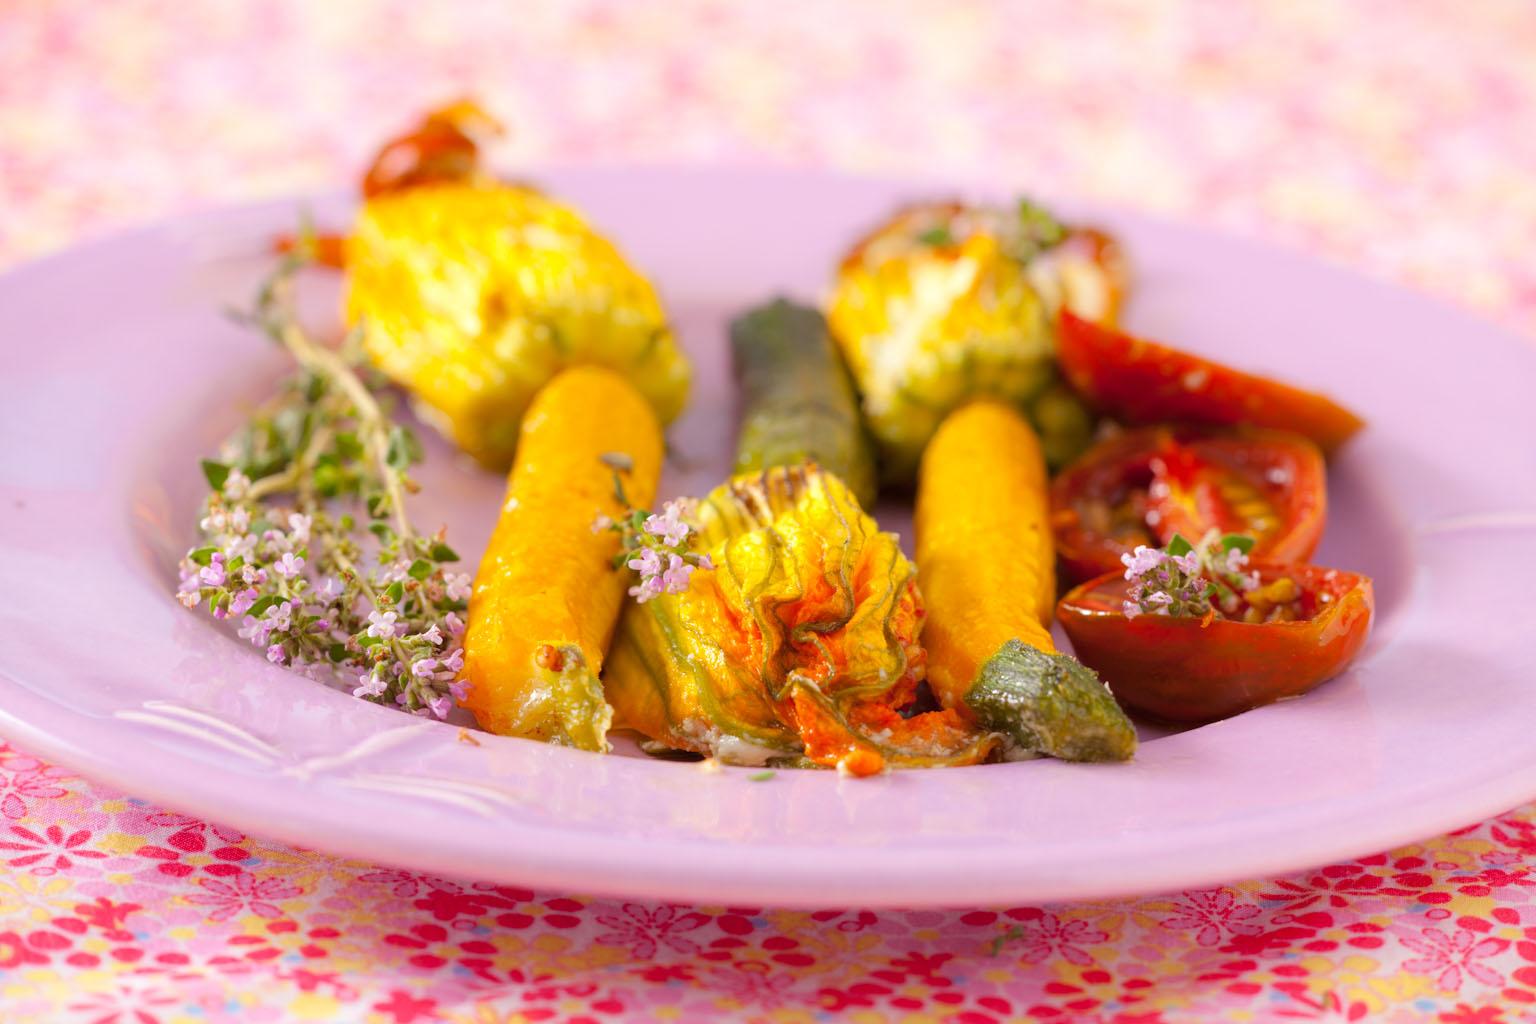 Kwiaty cukinii faszerowane. Kiedy kuchnia staje się poezją.